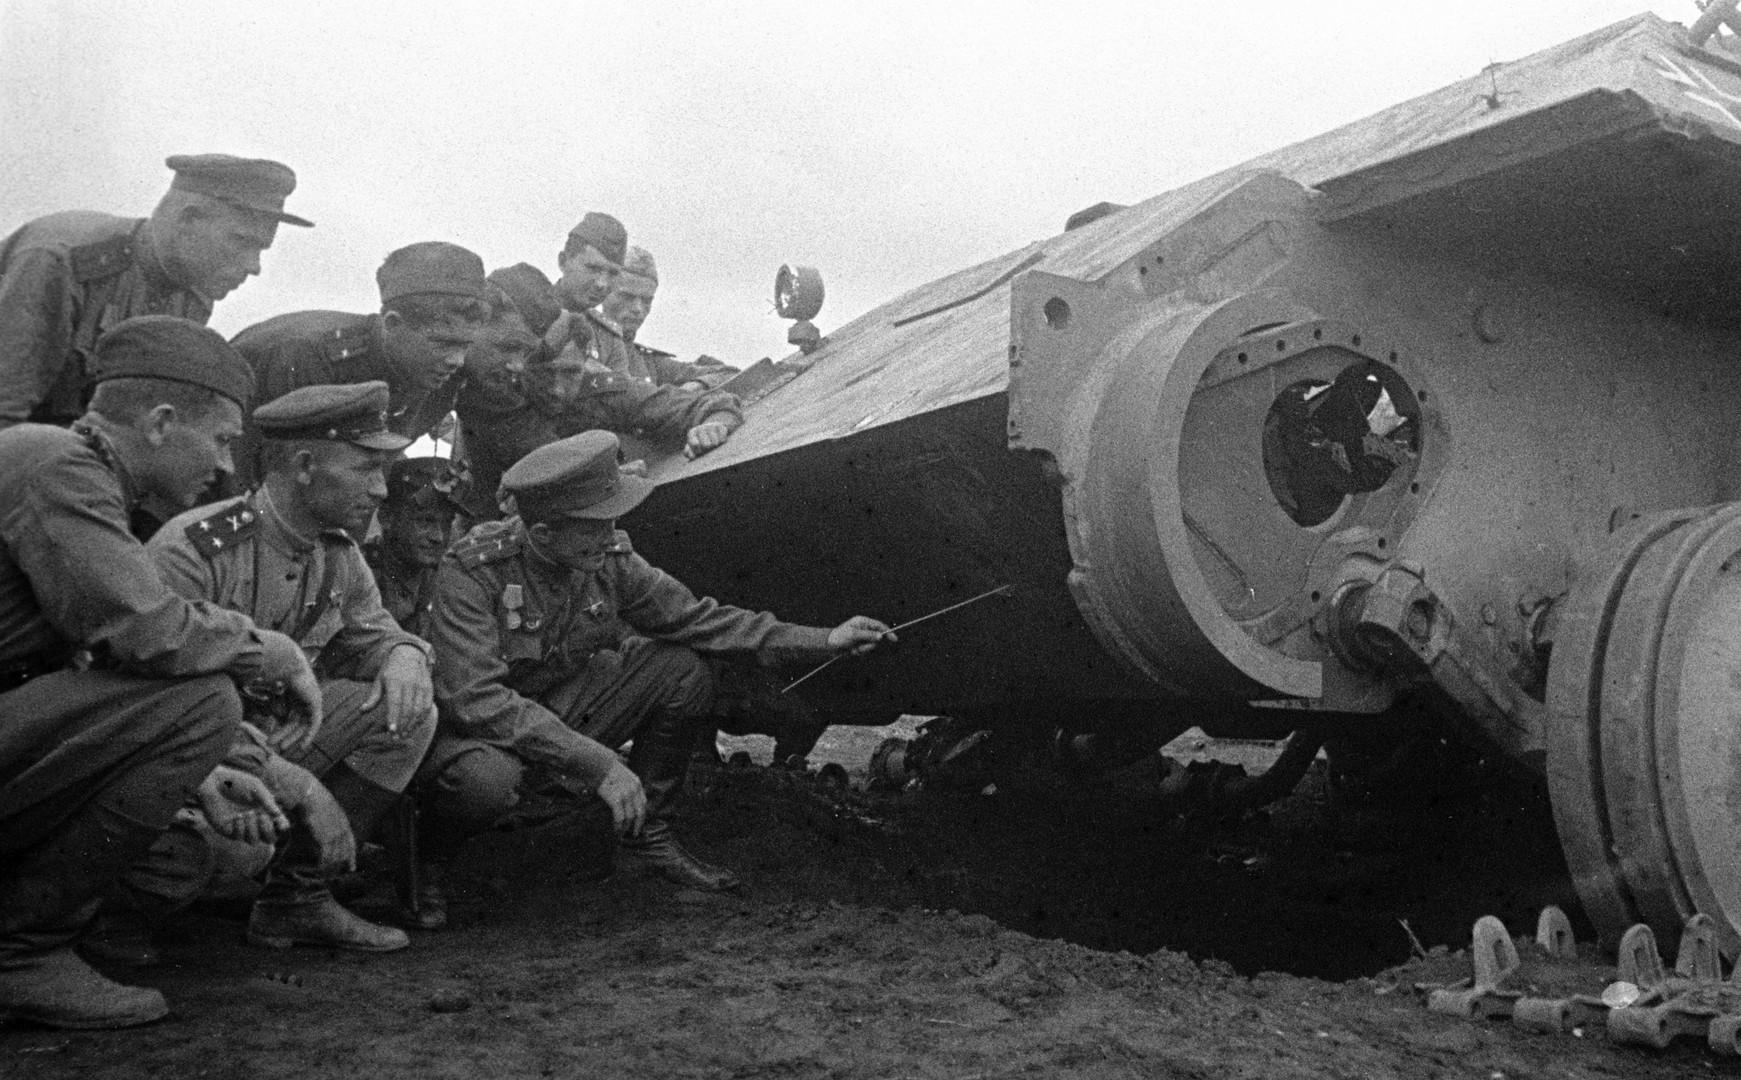 Unternehmen Zitadelle Die Größte Panzerschlacht Der Geschichte Rt